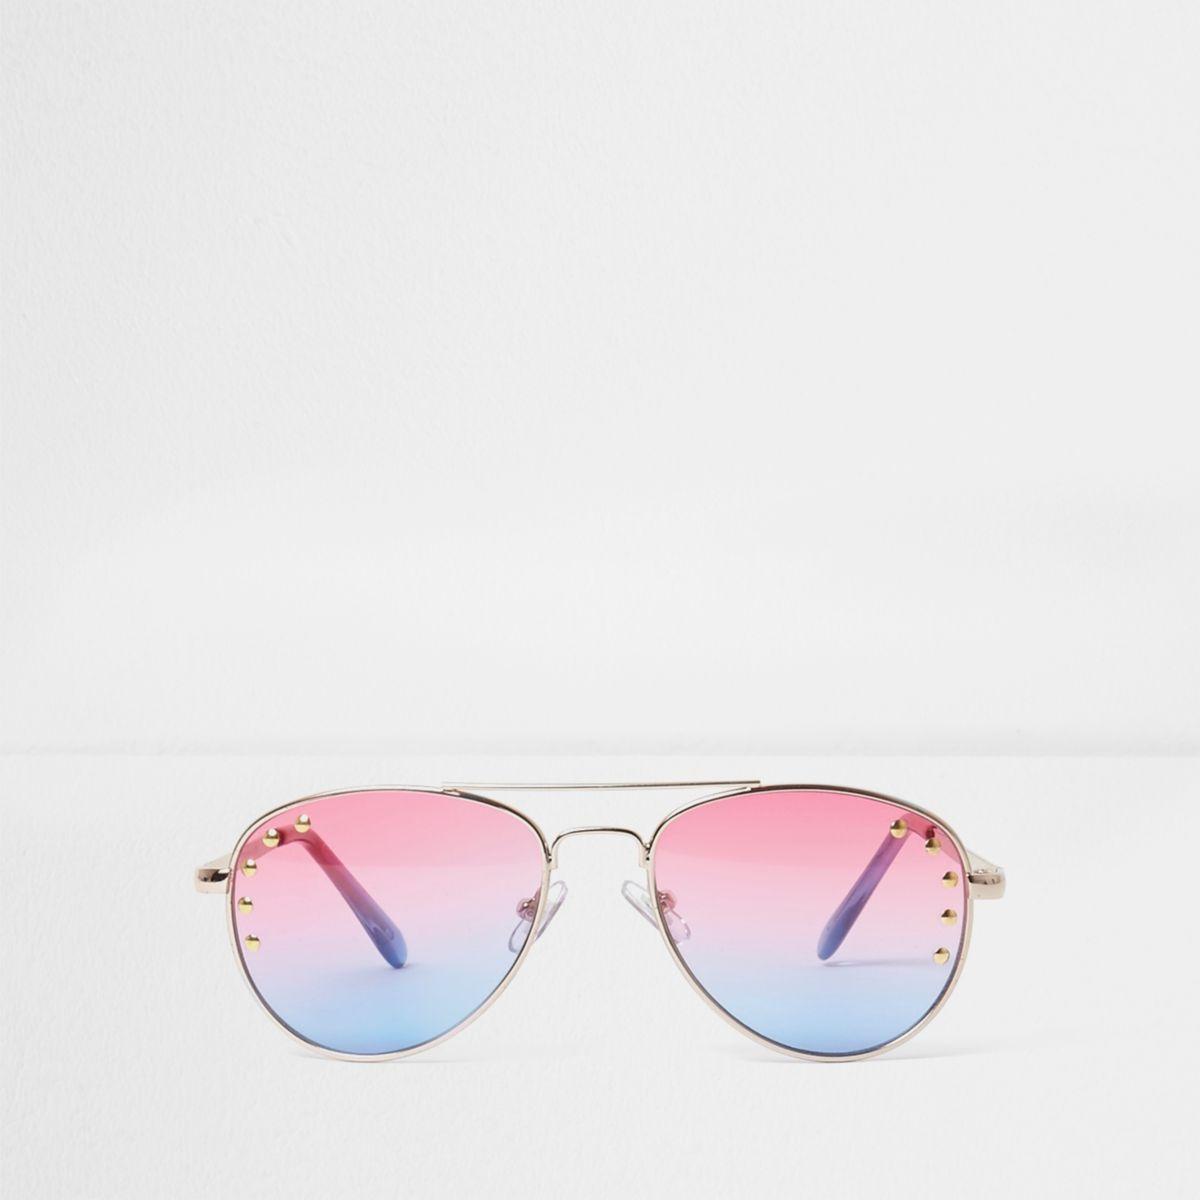 Lunettes de soleil aviateur cloutées bleues roses pour fille